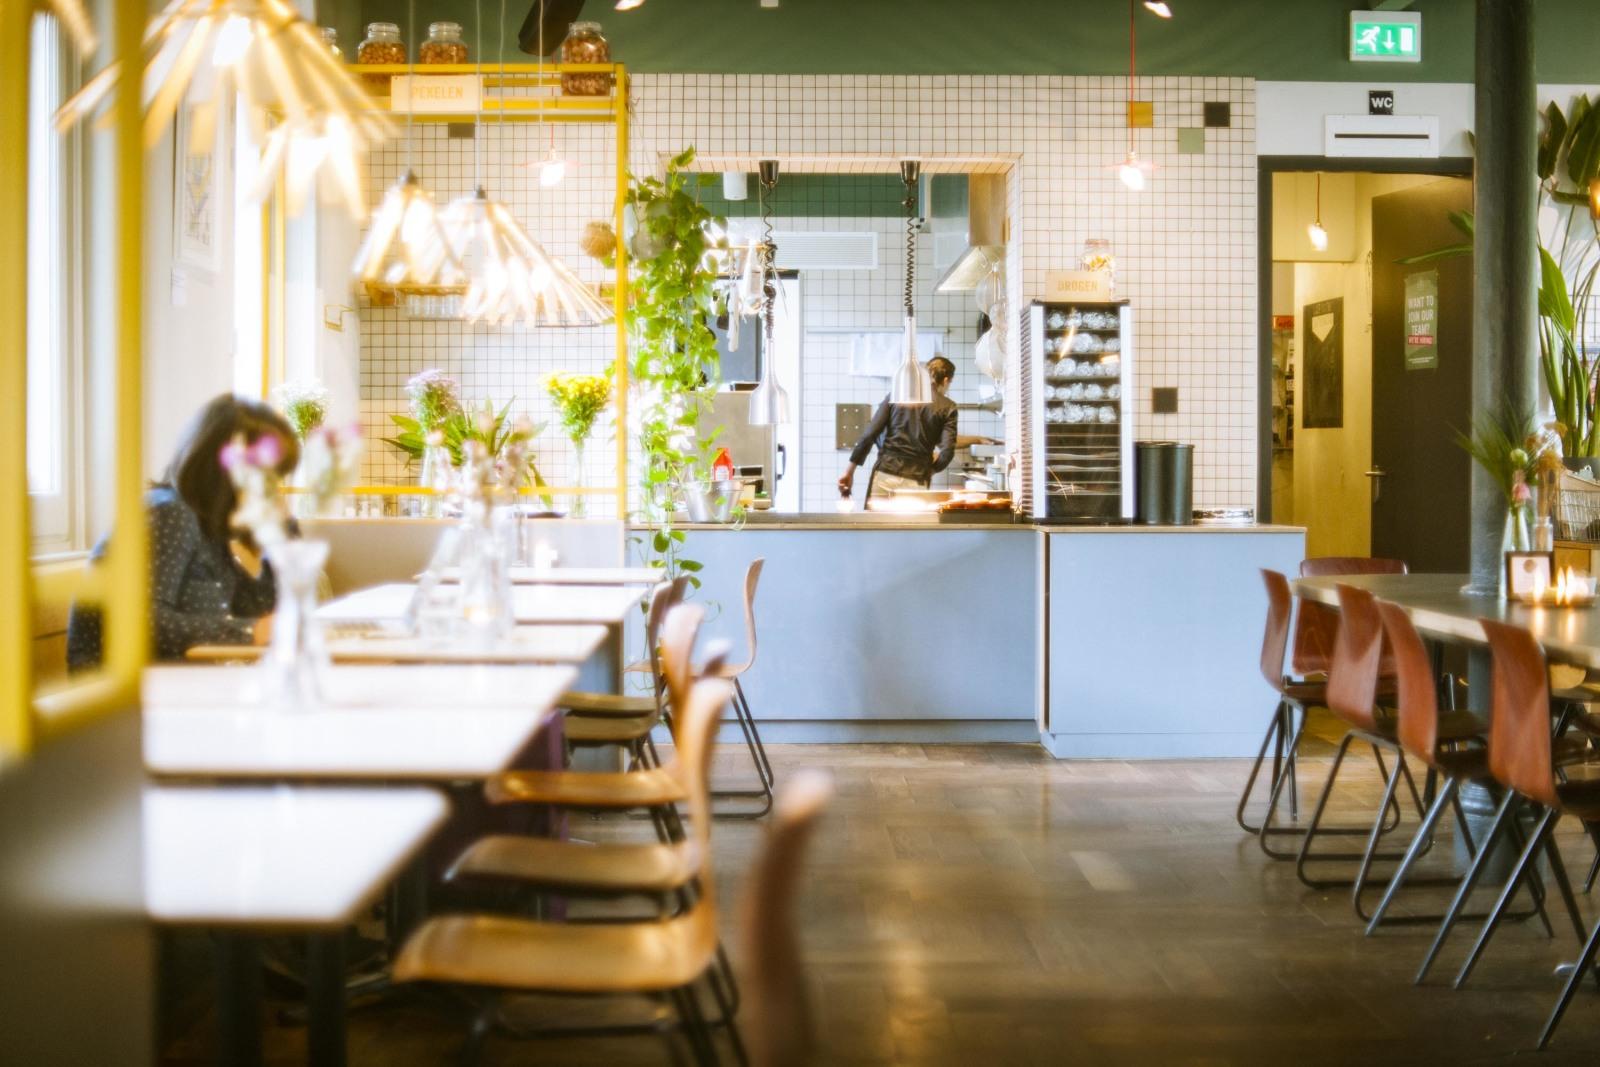 フードロスを減らすレストラン『Instock』の店内。社会課題が、オランダではなによりも優先される!?